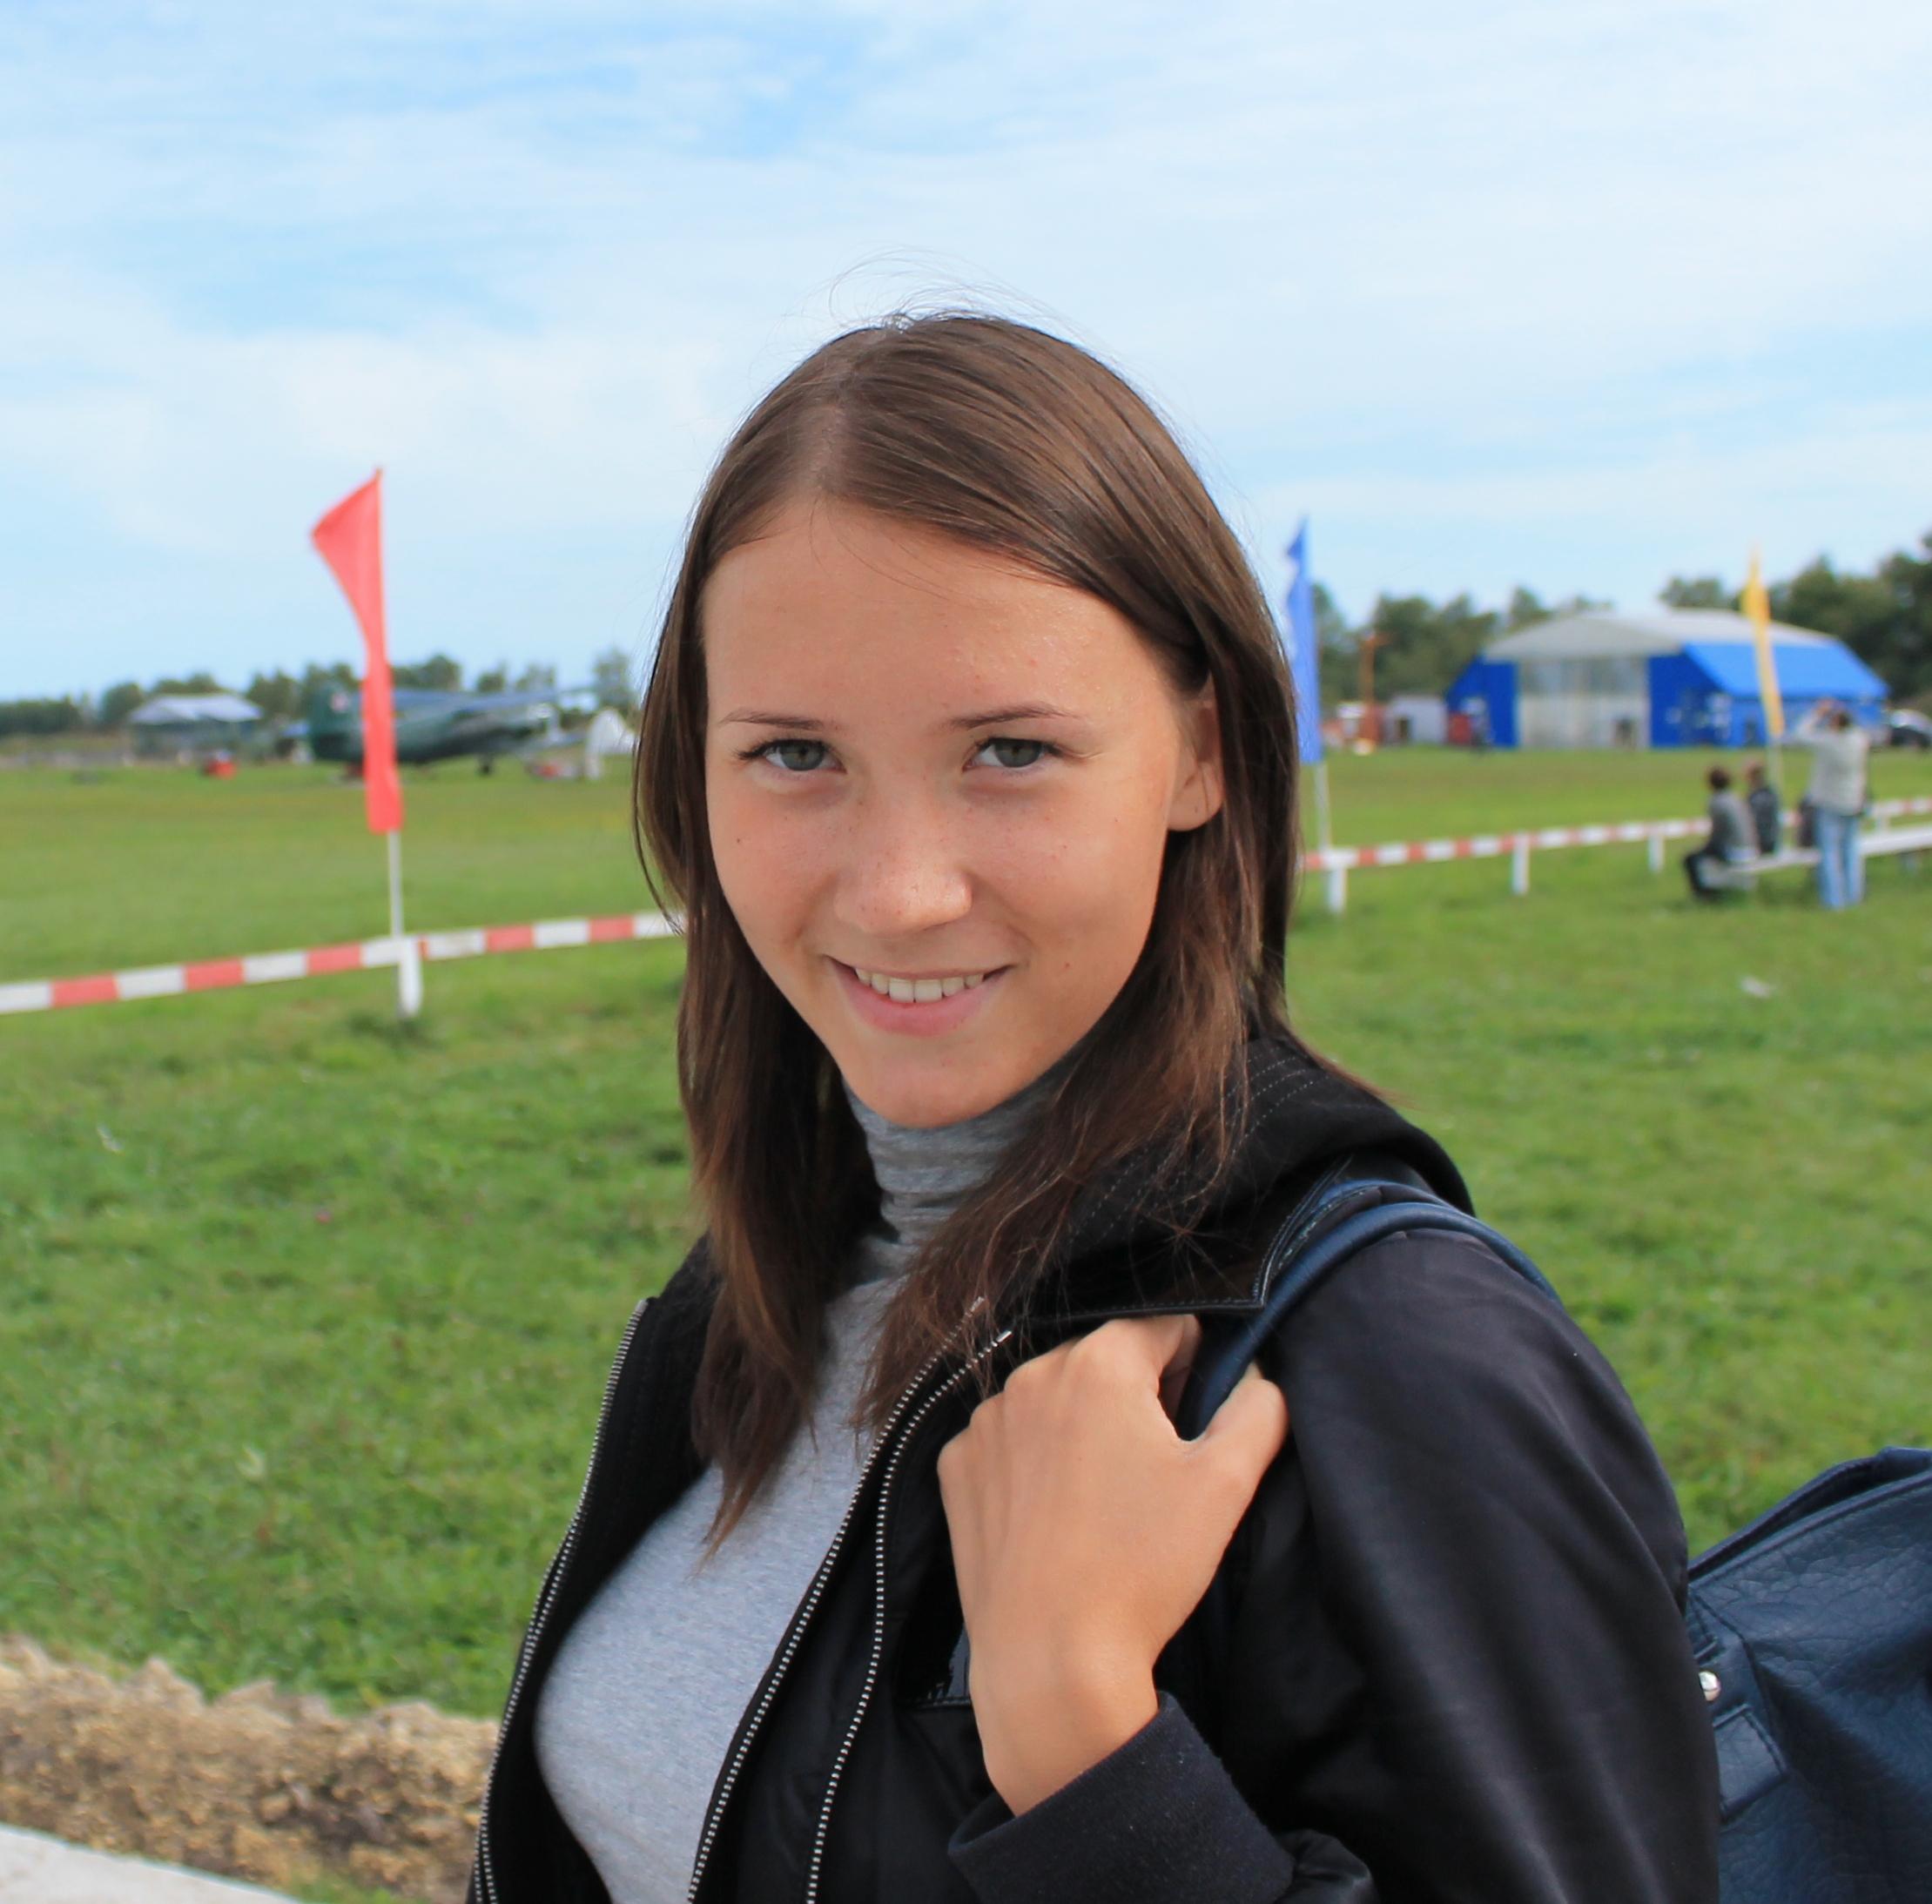 Olga Nevmerzhitchkaia's candidature for Audit Commission